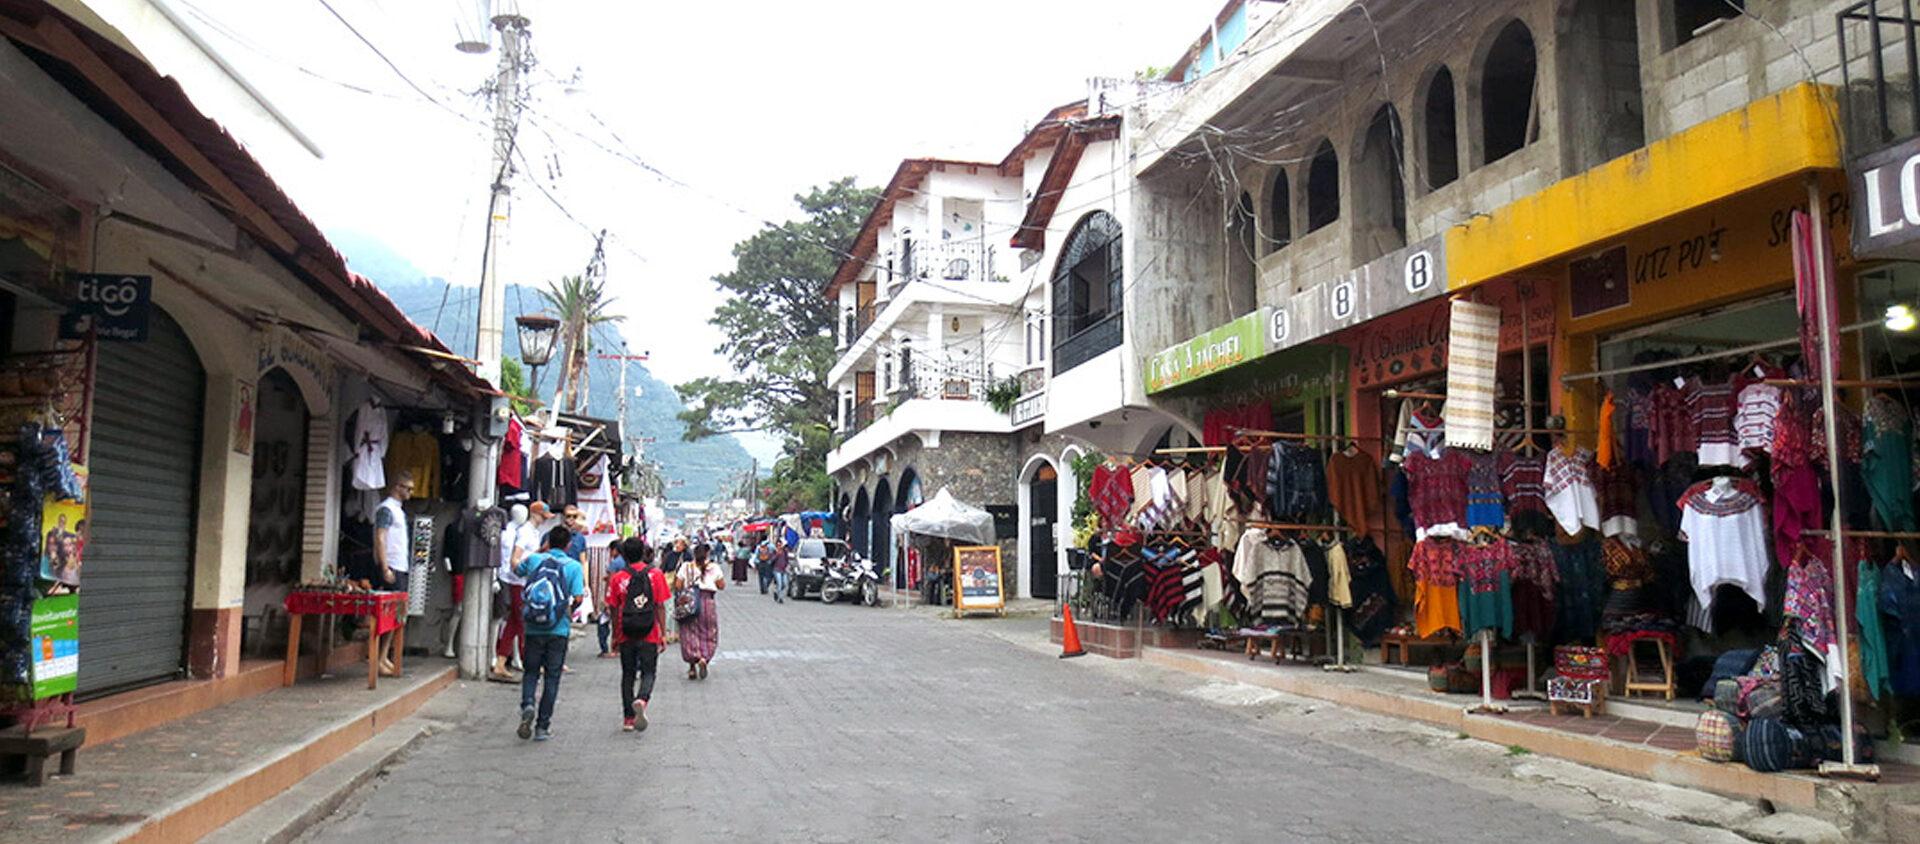 Moa bor i staden Panajachel i Guatemala. Där är skillnaden stor mellan rika och fattiga.